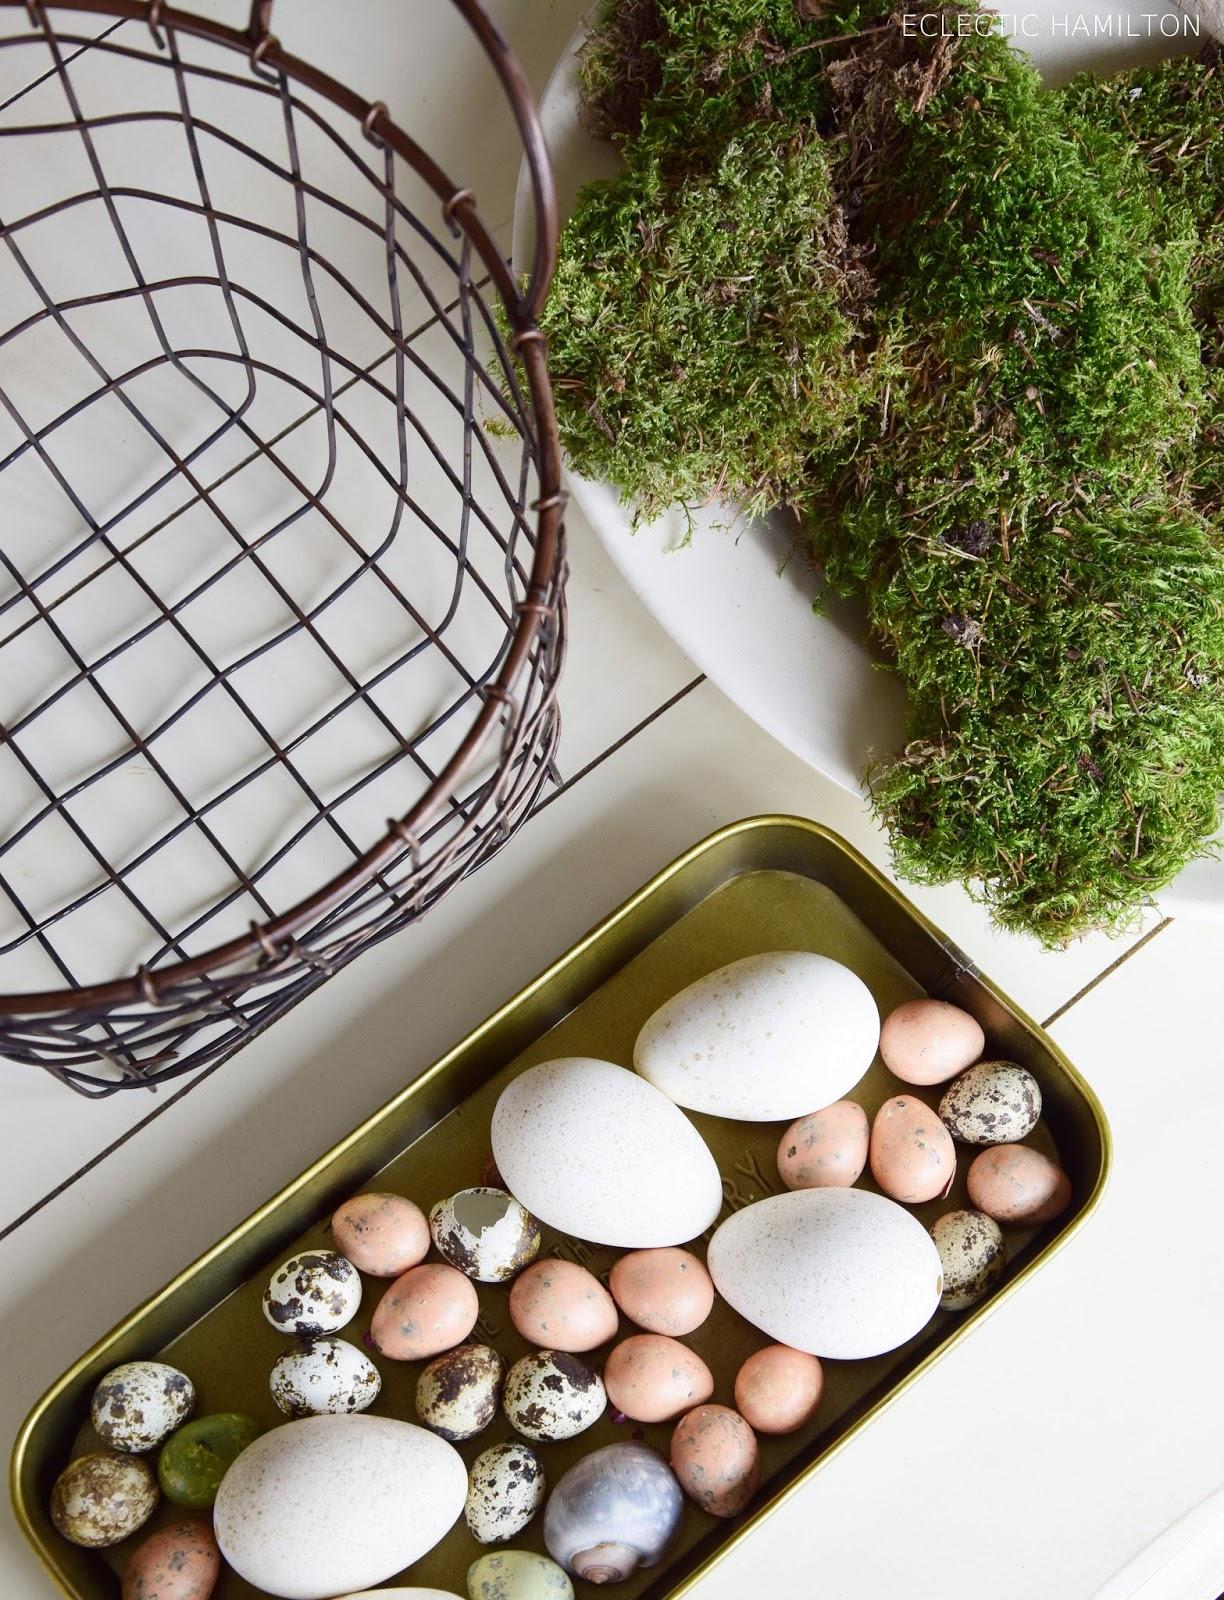 DIY Osterdeko mit Moos Eiern Pfefferbeeren und Schnecken. Selbermachen, Kreativ gestalten mit Naturmaterialien, Ostern, Naturdeko